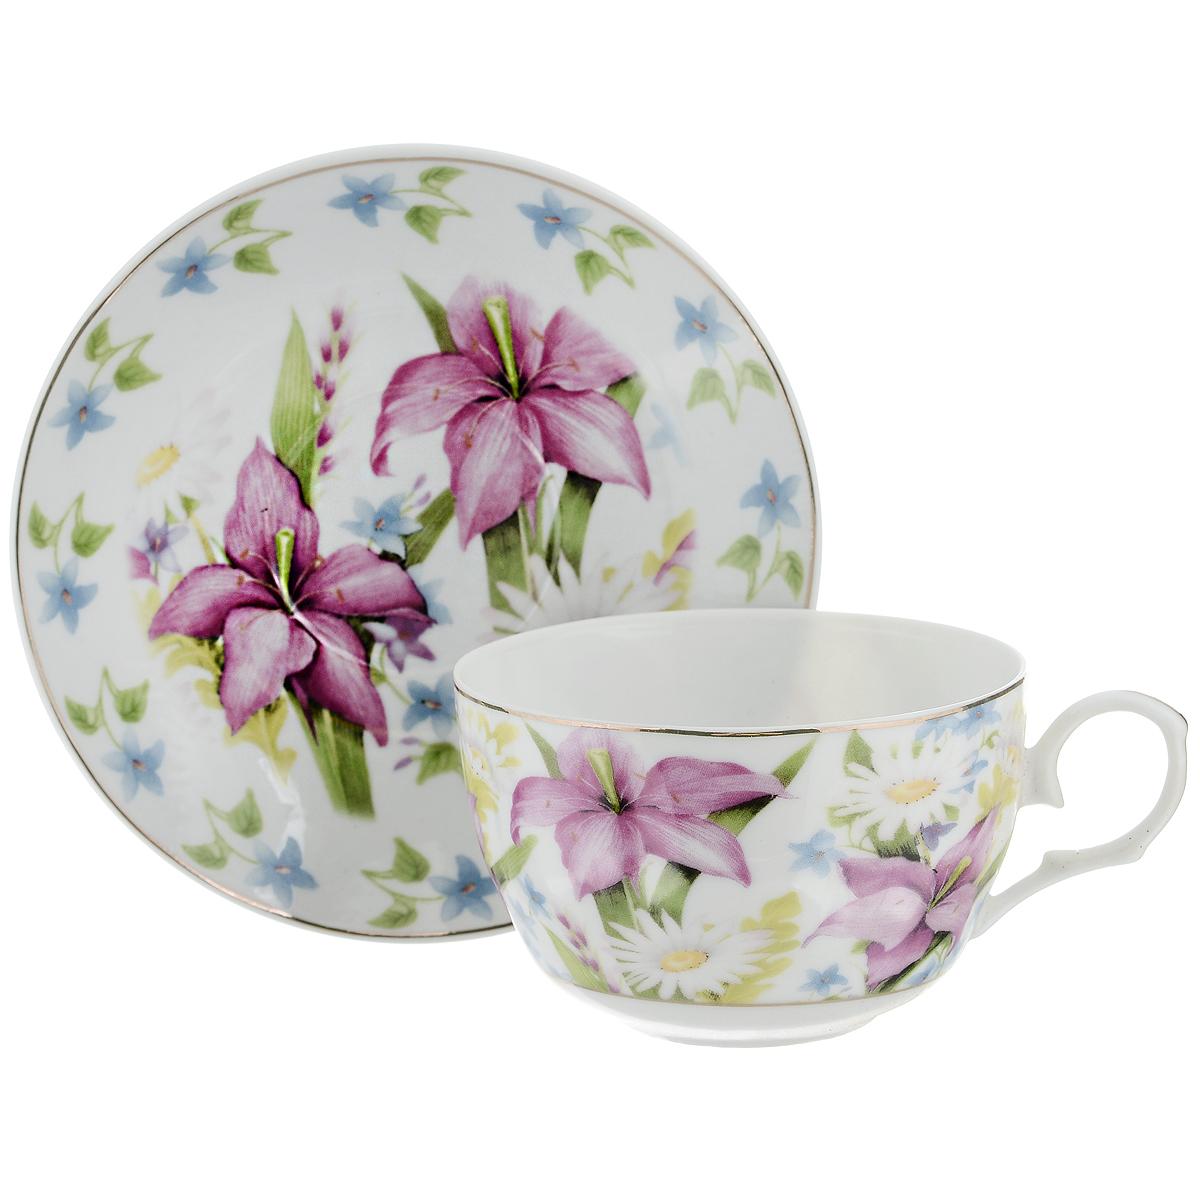 Набор чайный Briswild Лилии, 2 предмета115510Чайный набор Briswild Лилии состоит из чашки и блюдца. Изделия выполнены из высококачественного фарфора и оформлены красочным изображением лилий. Изящный набор красиво оформит стол к чаепитию и станет приятным подарком к любому случаю. Не использовать в микроволновой печи. Не применять абразивные моющие средства.